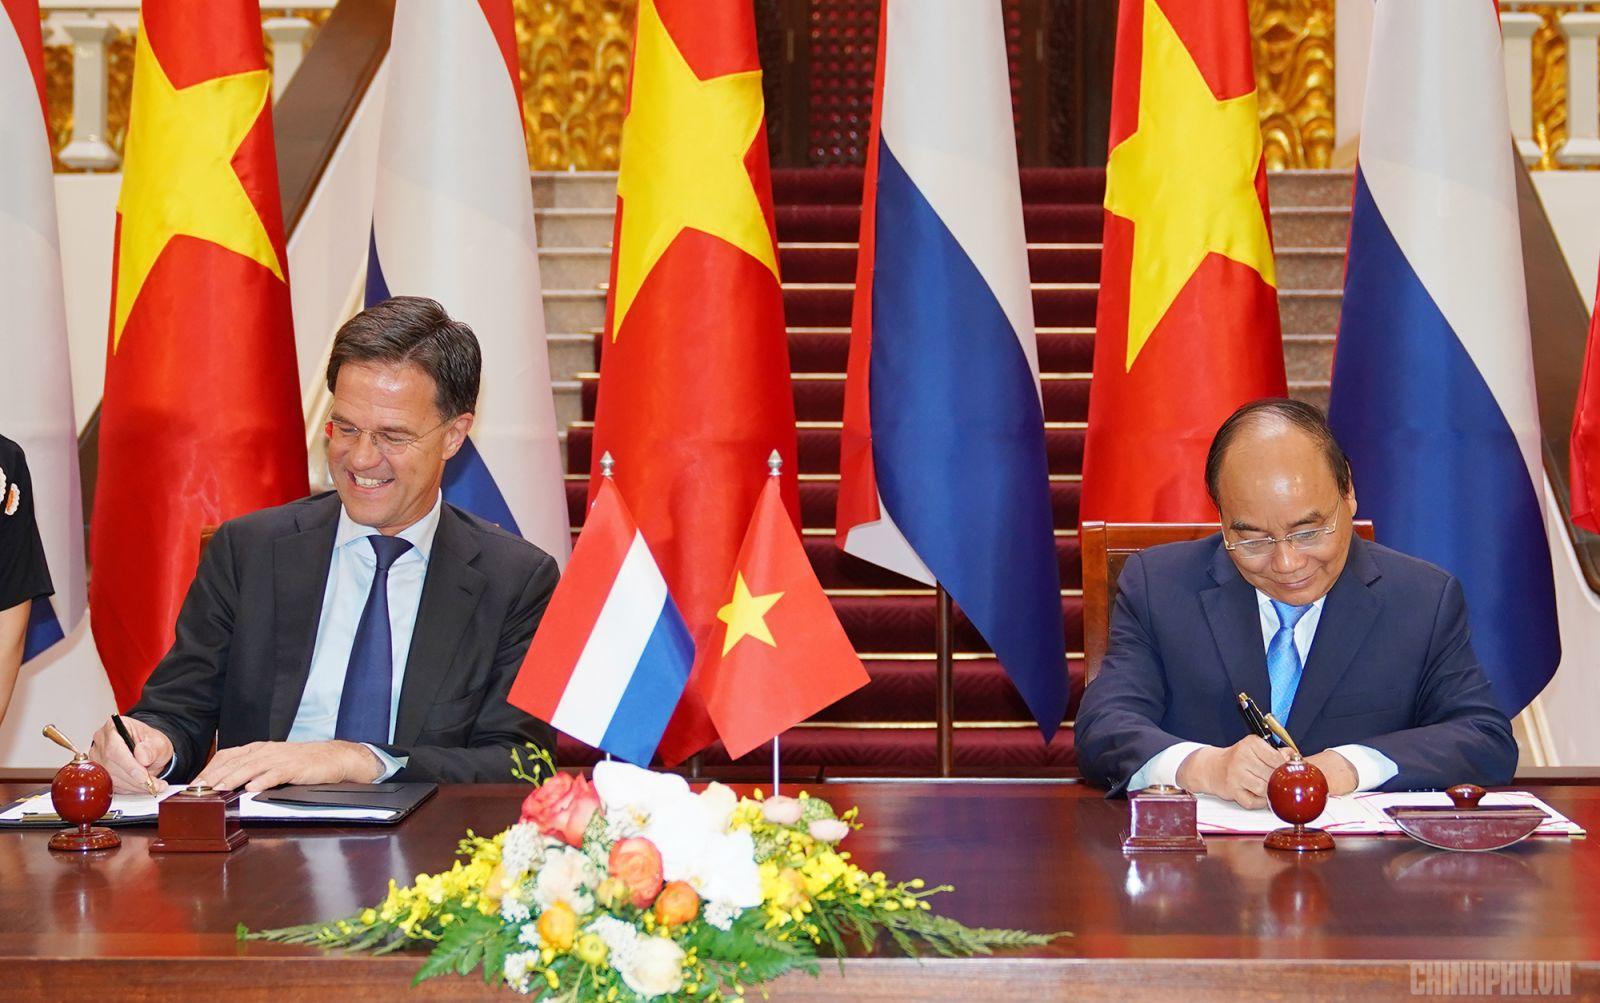 Thủ tướng Nguyễn Xuân Phúc và Thủ tướng Mark Rutte ký bản ghi nhớ giữa hai Chính phủ về hợp tác chuyển đổi nông nghiệp tại ĐBSCL. Ảnh: VGP/Quang Hiếu